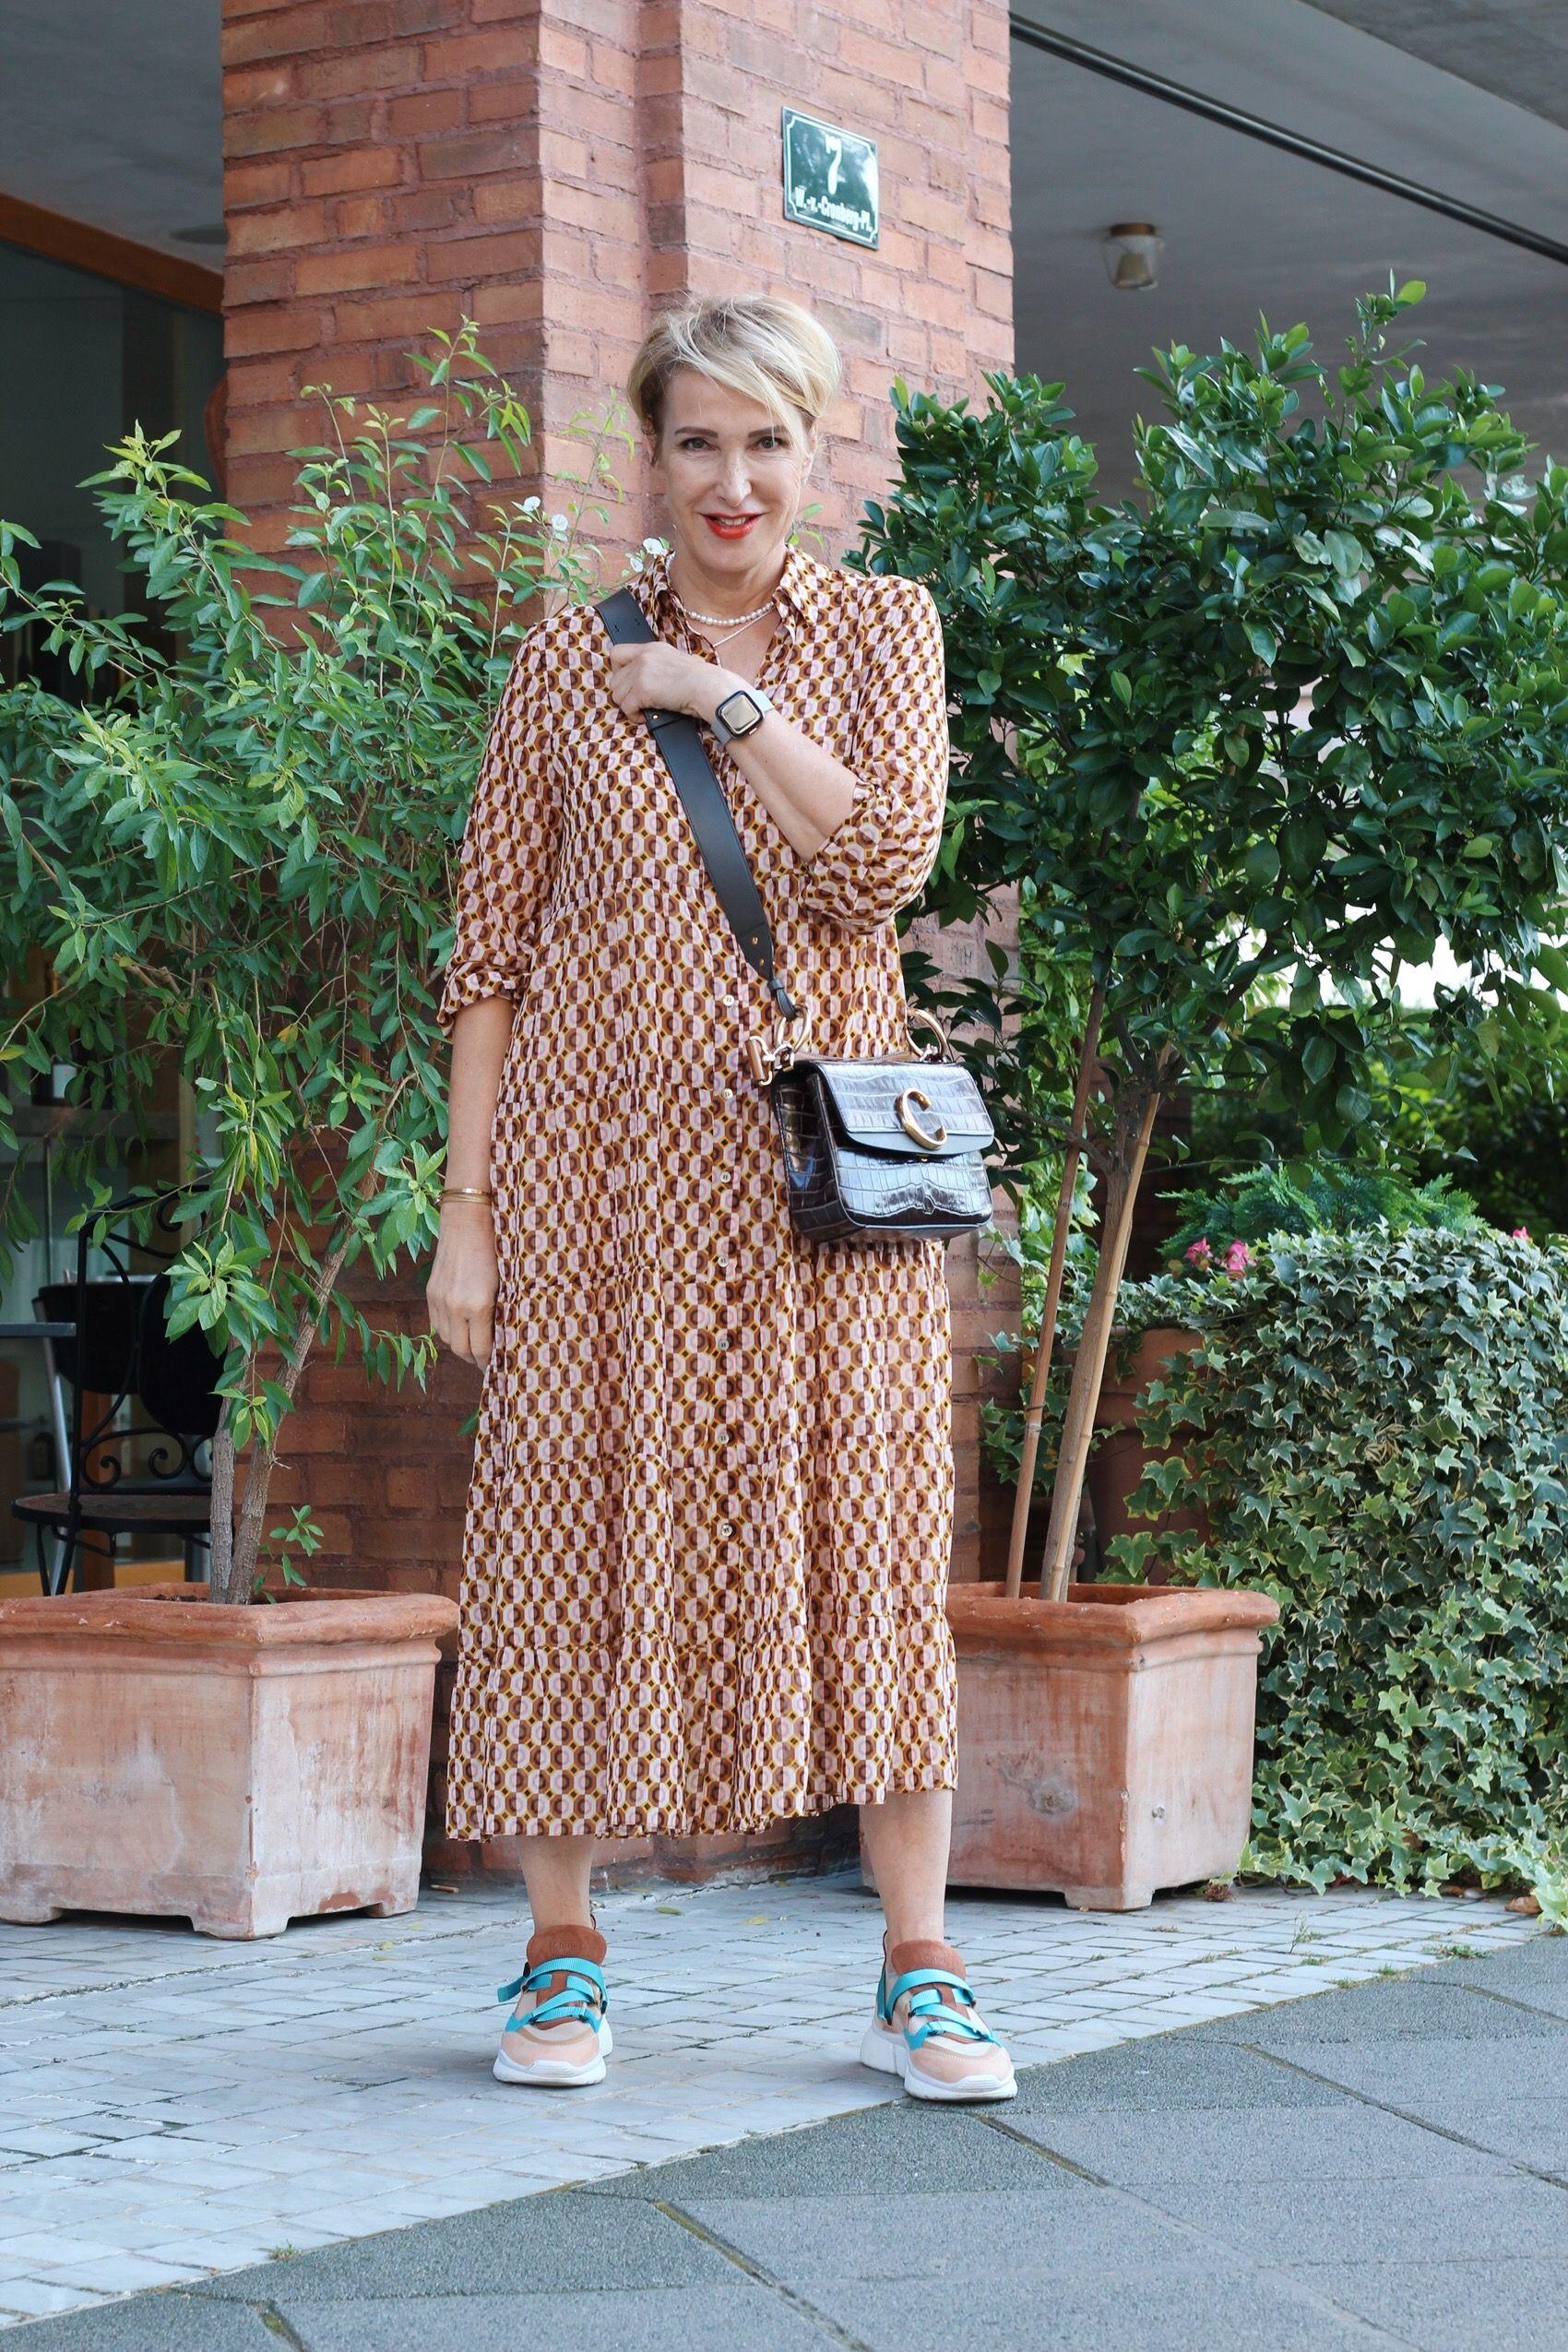 zara lieblingskleid auf instagram ist ausverkauft, wo finde